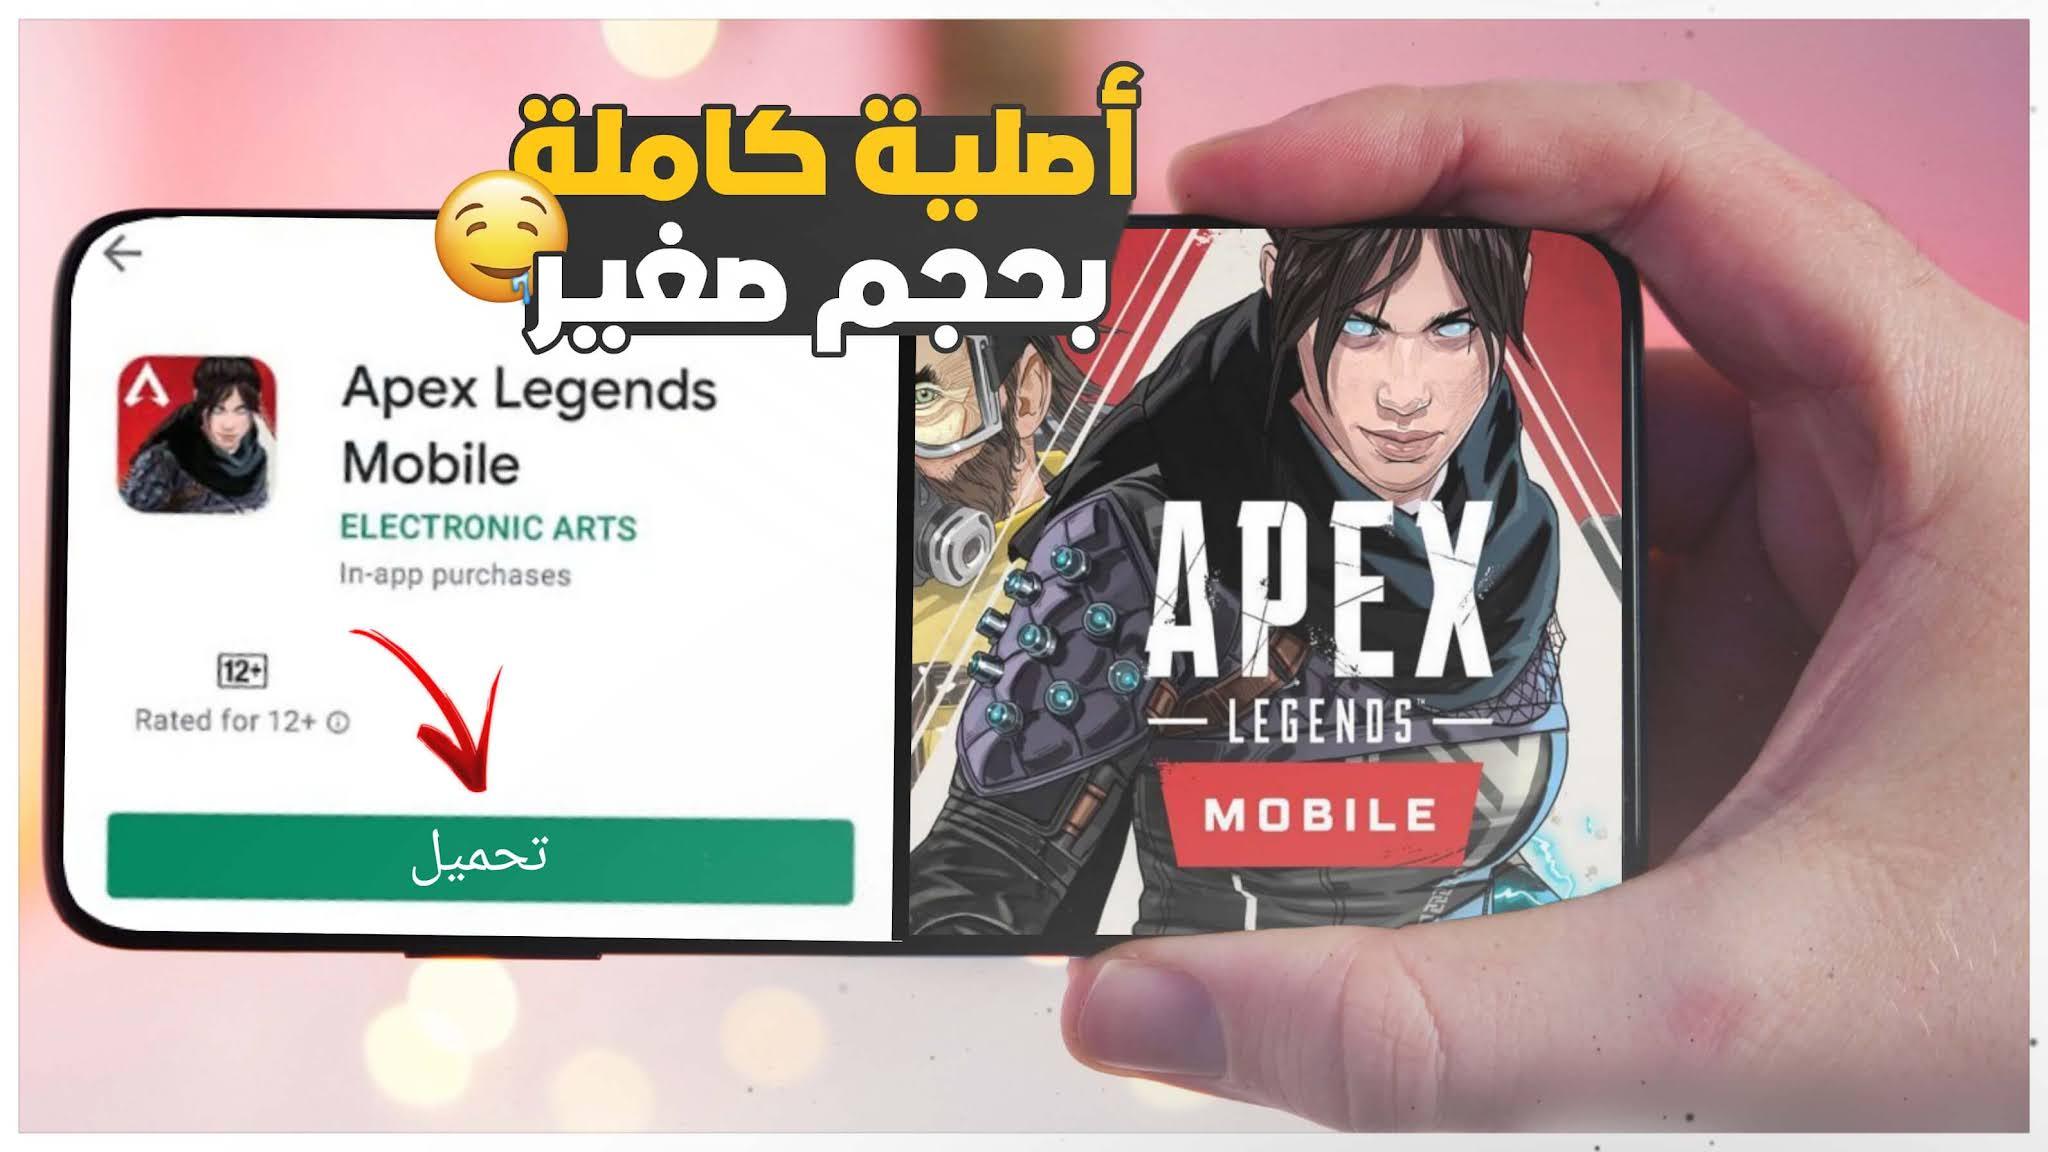 تحميل Apex Legends Mobile APK اخر اصدار للاندرويد والايفون من ميديا فاير